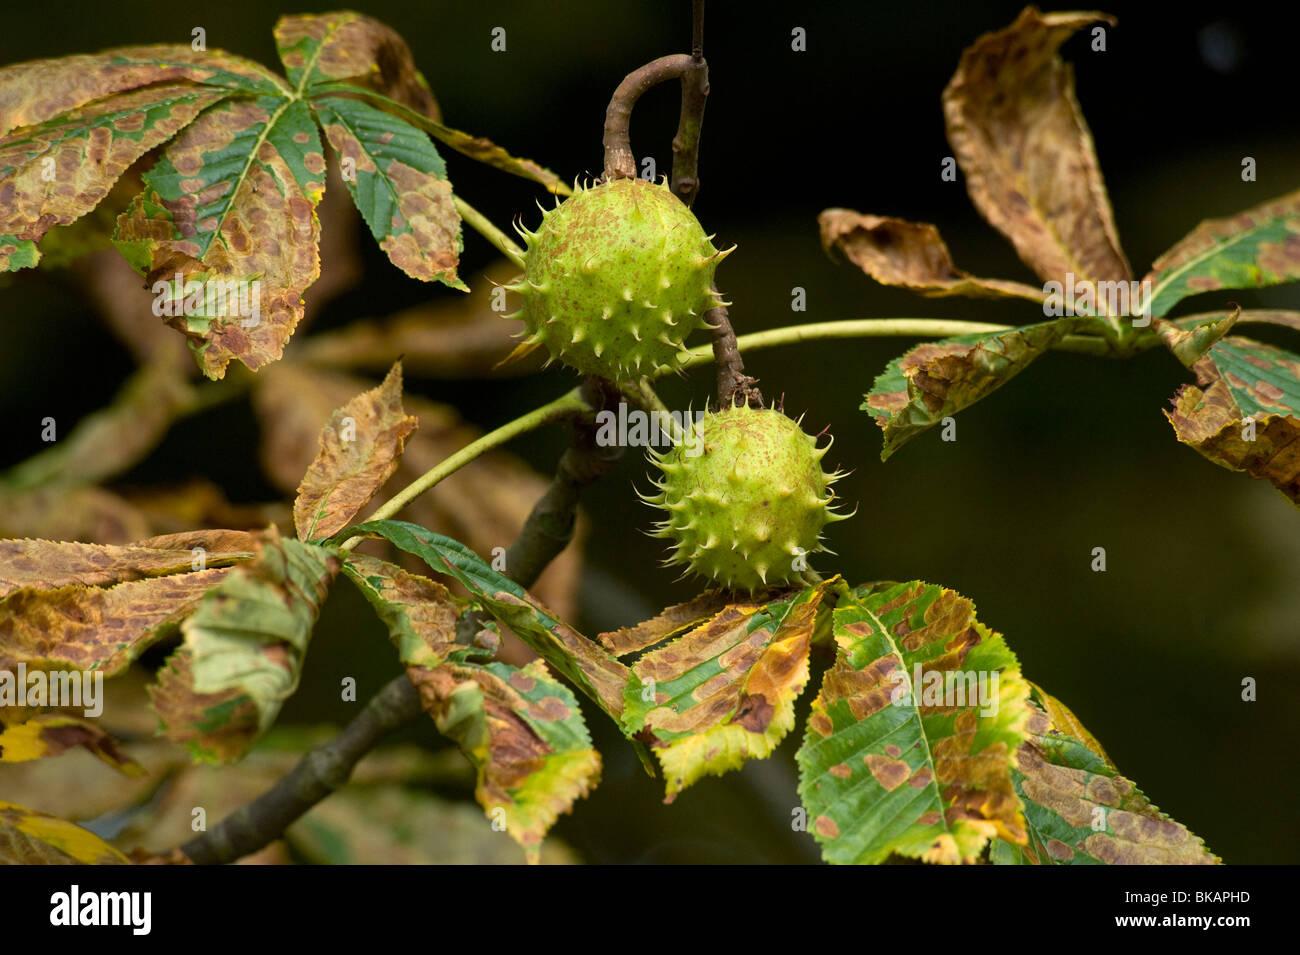 Horsechestnut leaf miner damage to horse chestnut leaves Stock Photo